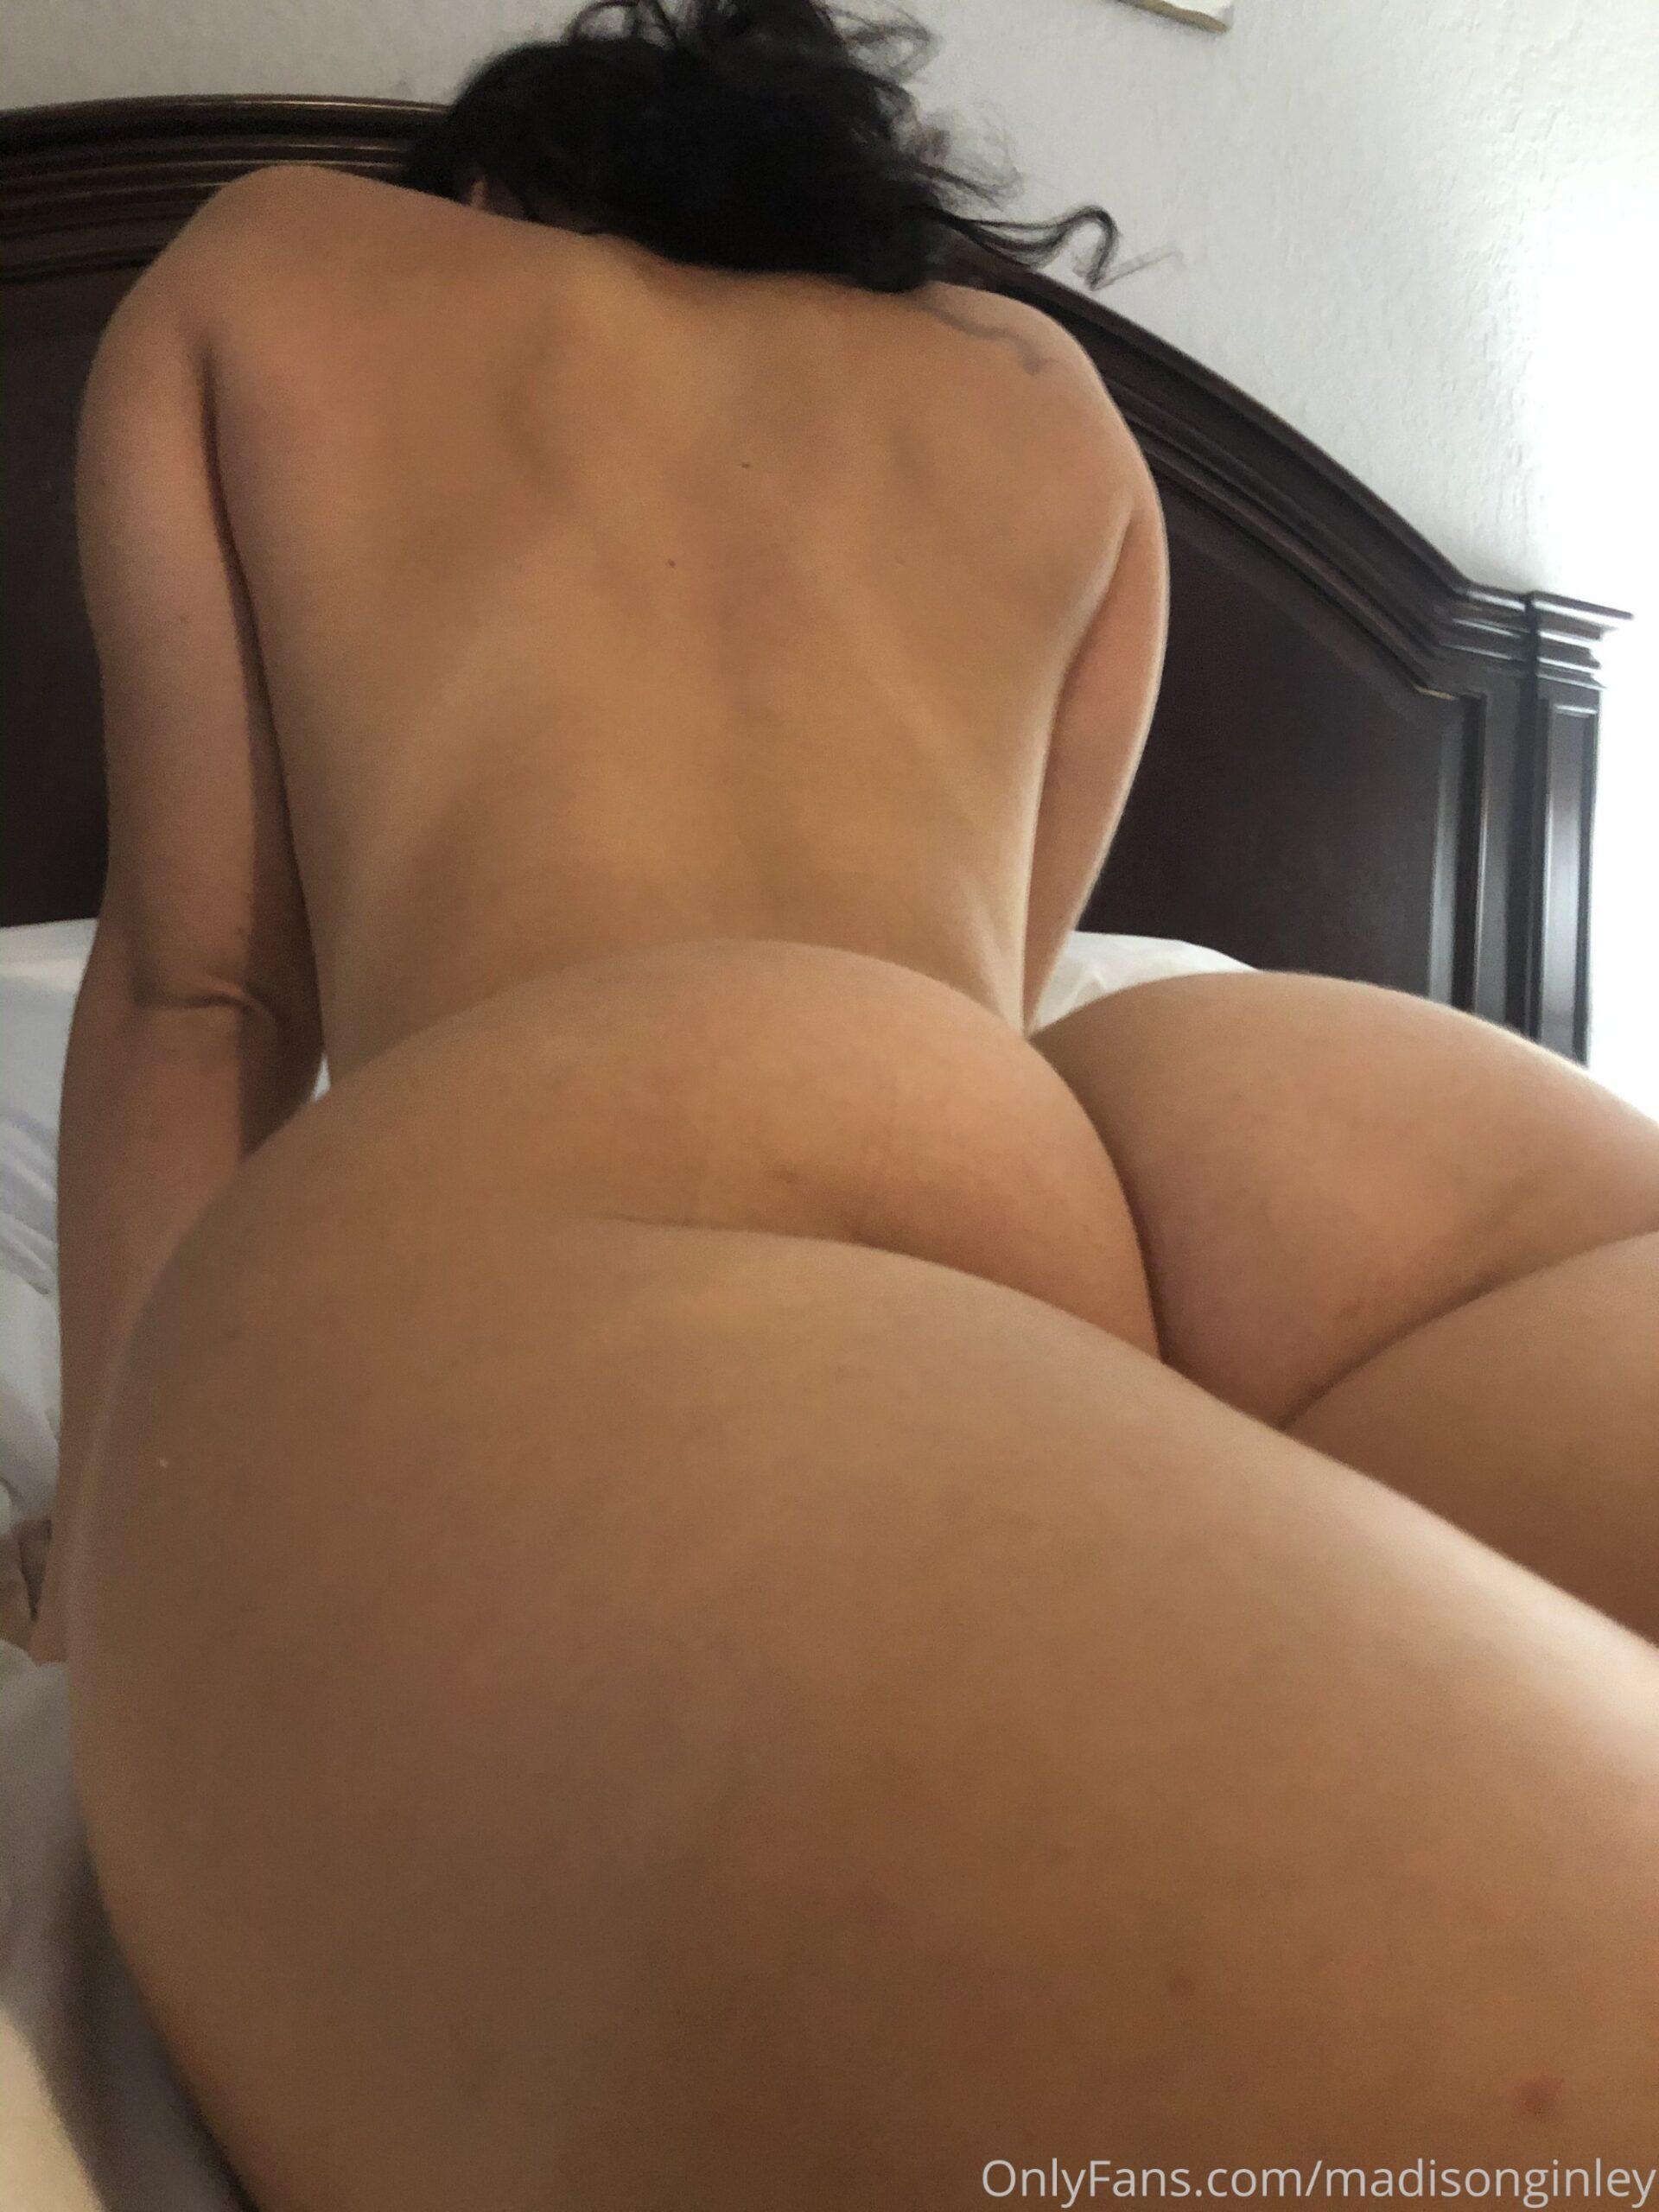 Las chicas más lindas de internet sexys amateurs fotos xxx